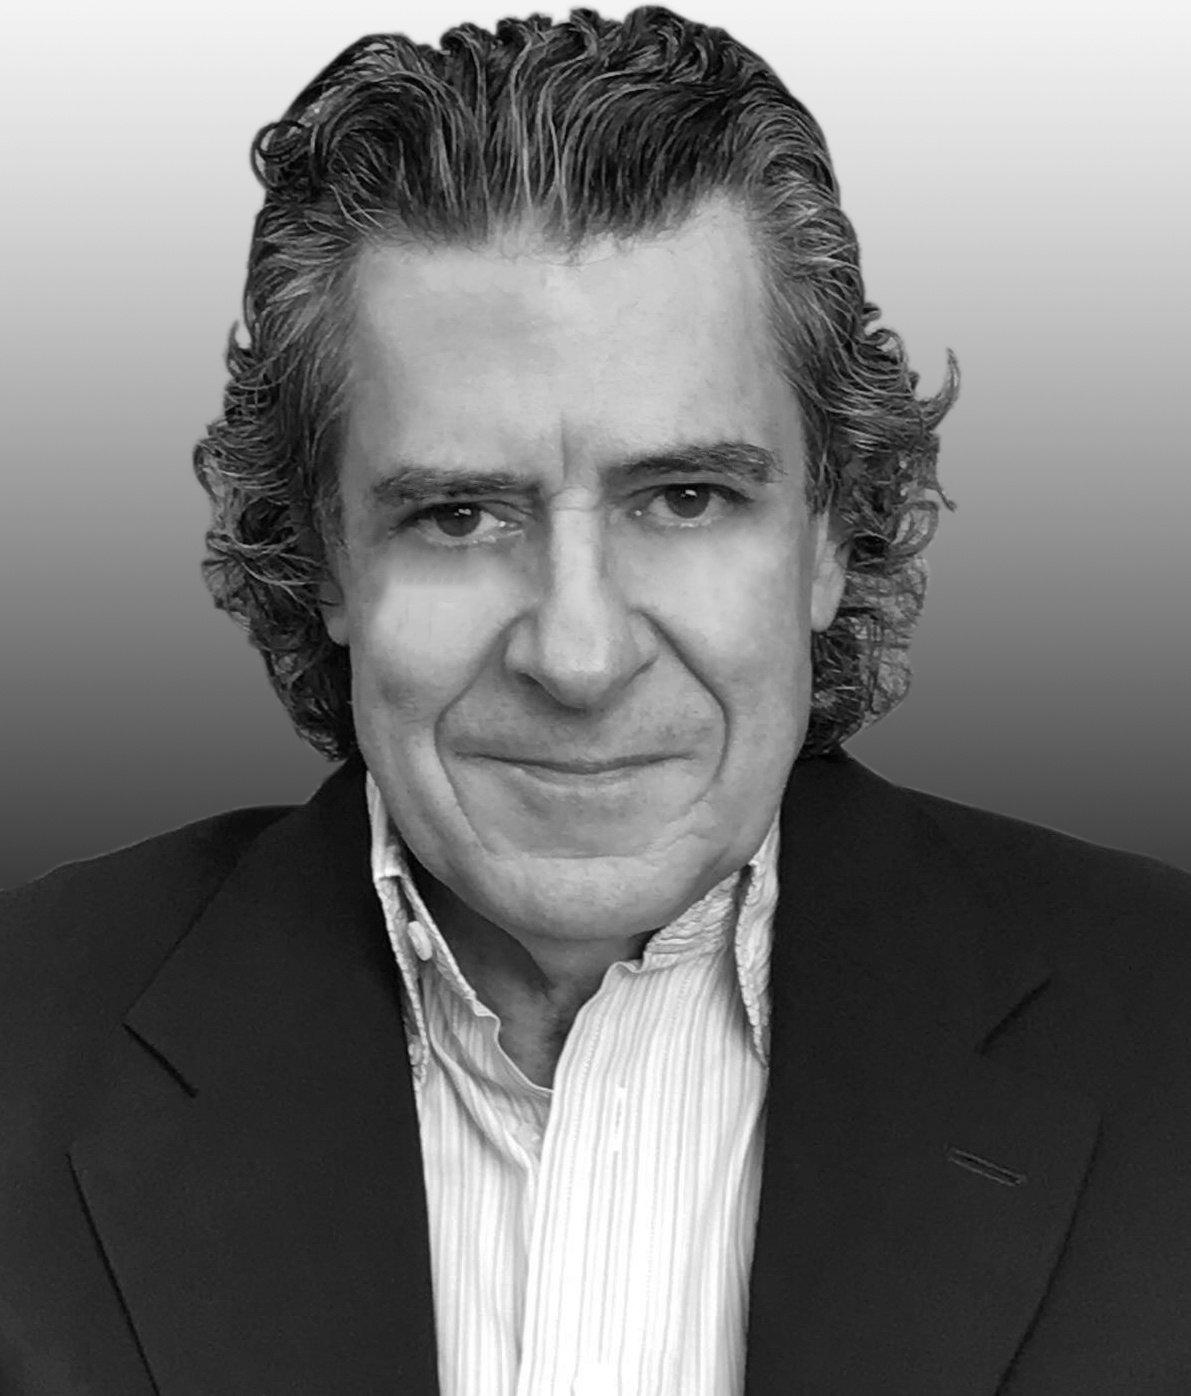 Jose Luis Artiga CEO of Conitex Sonoco